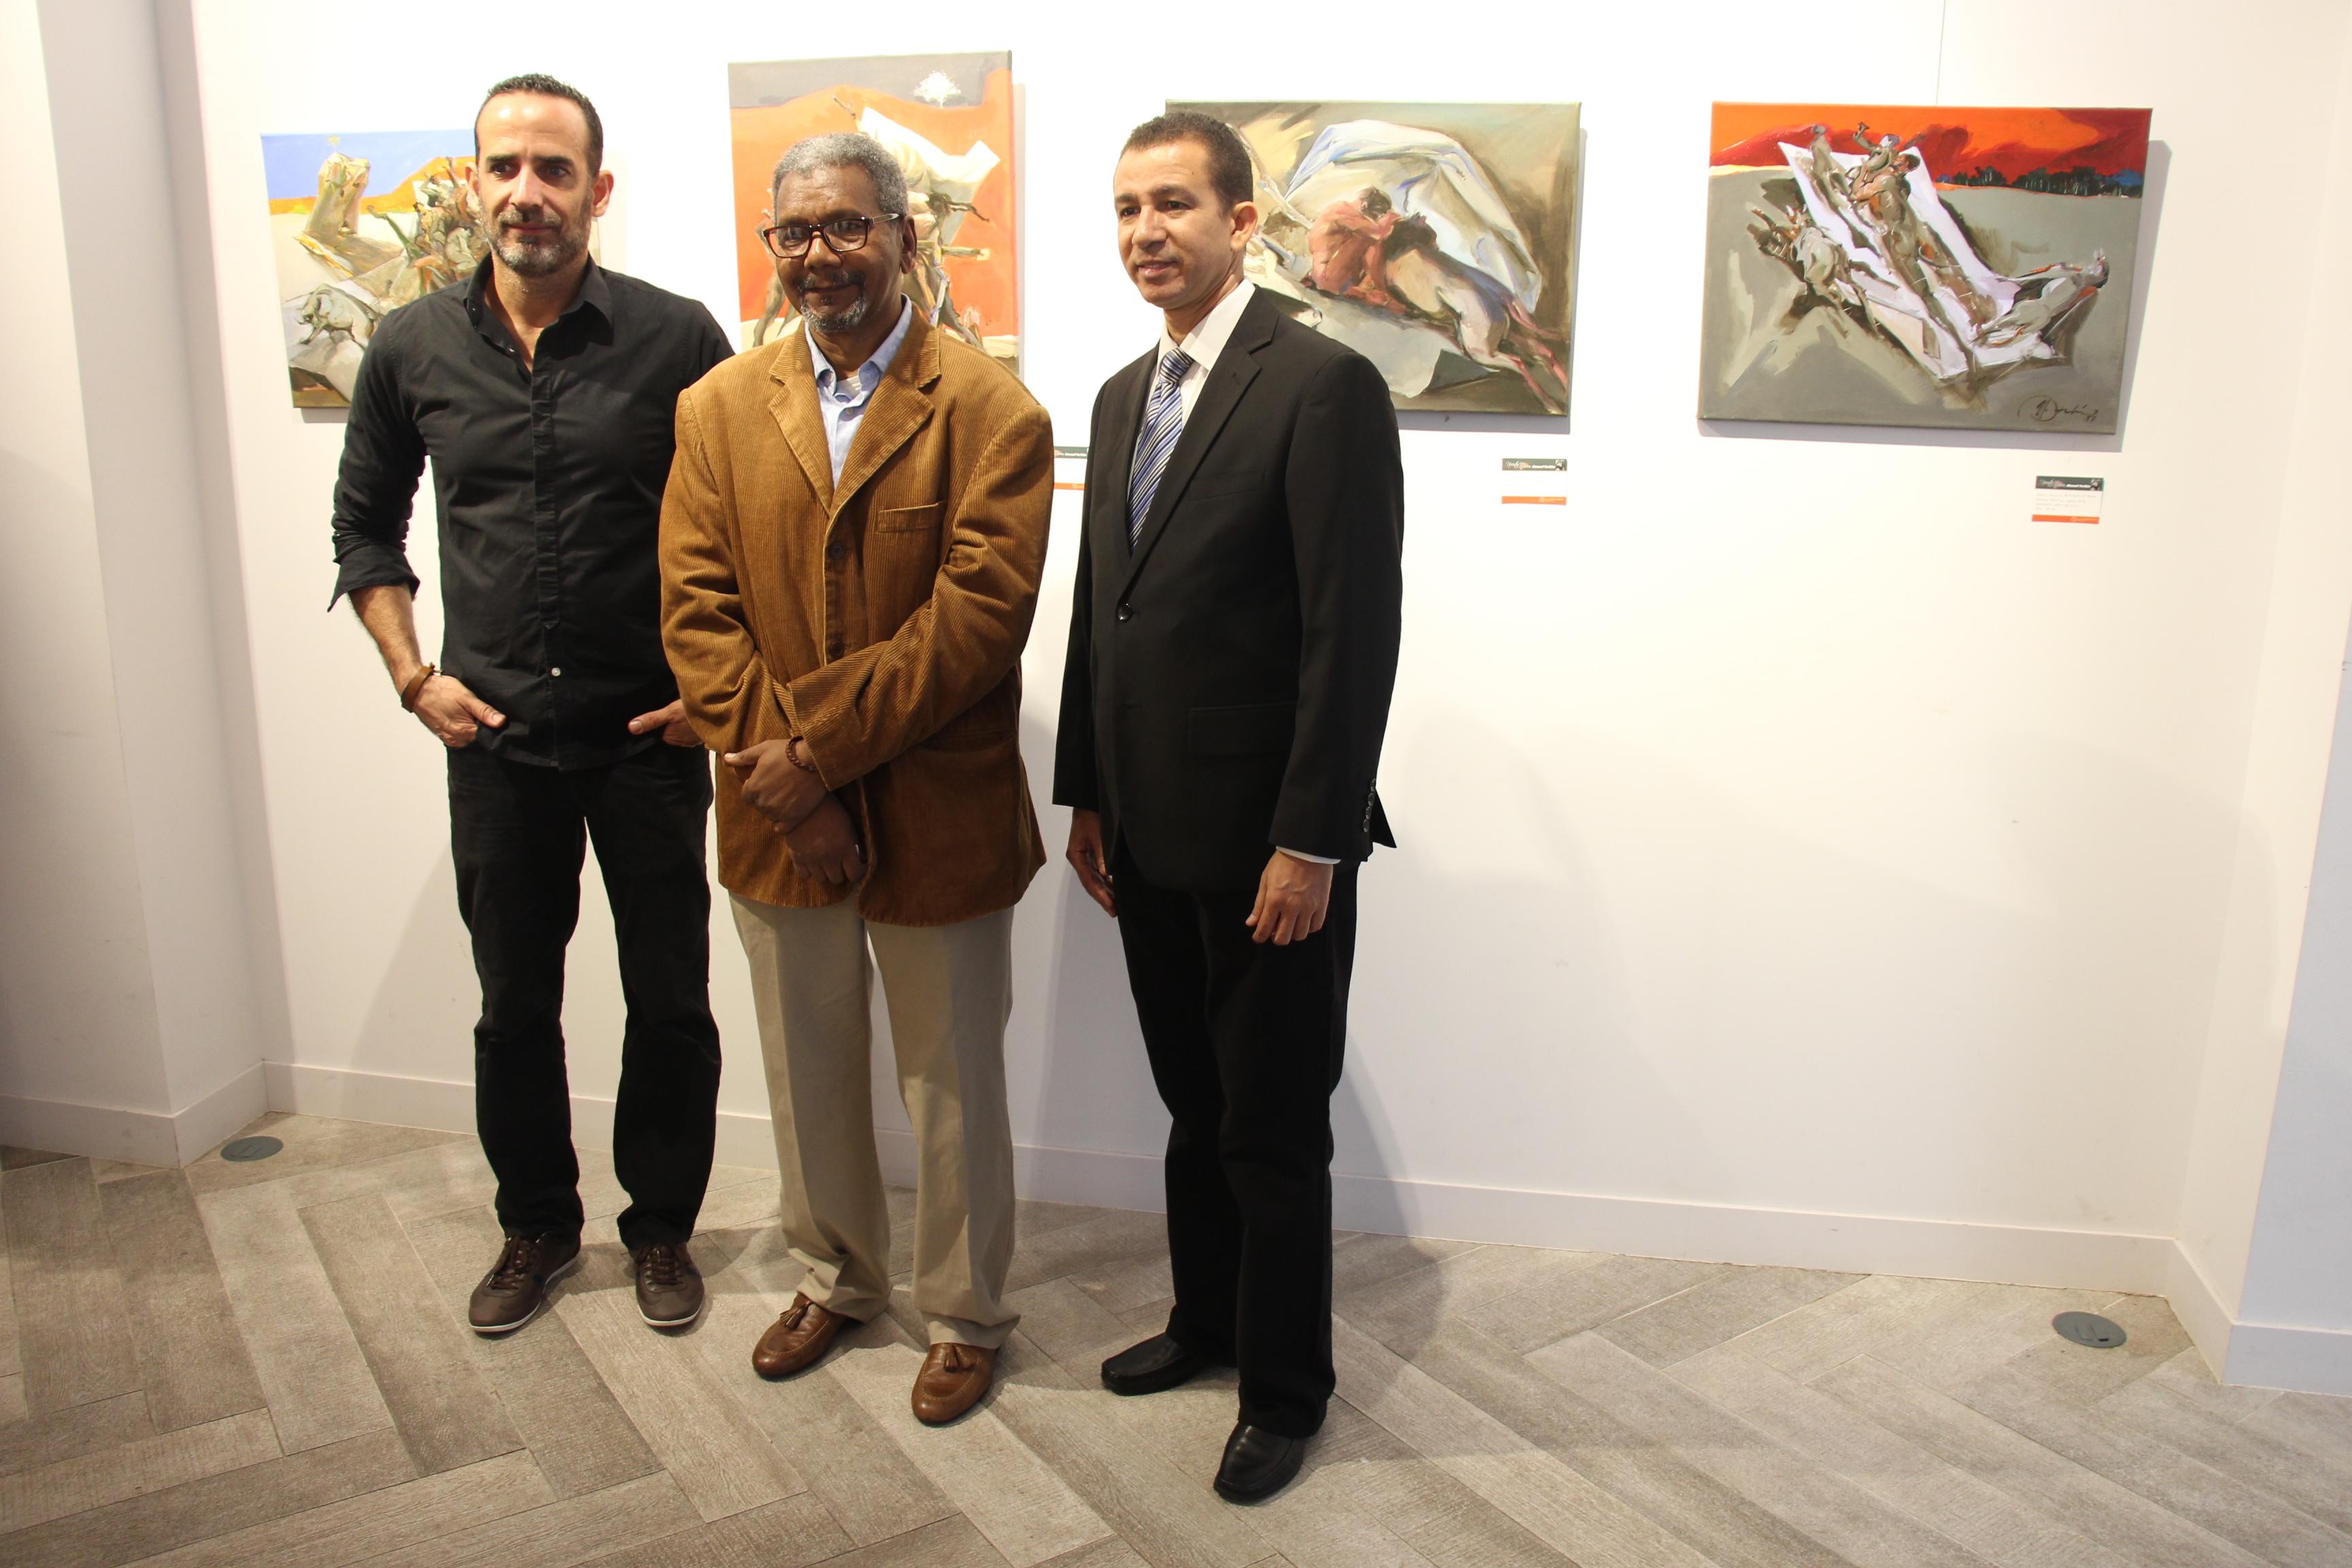 José Pelletier, Gabino Rosario y Dustin Muñoz, artistas visuales que forman parte de Nuestra expo, tercera versión, durante la inauguración en Lugo, España